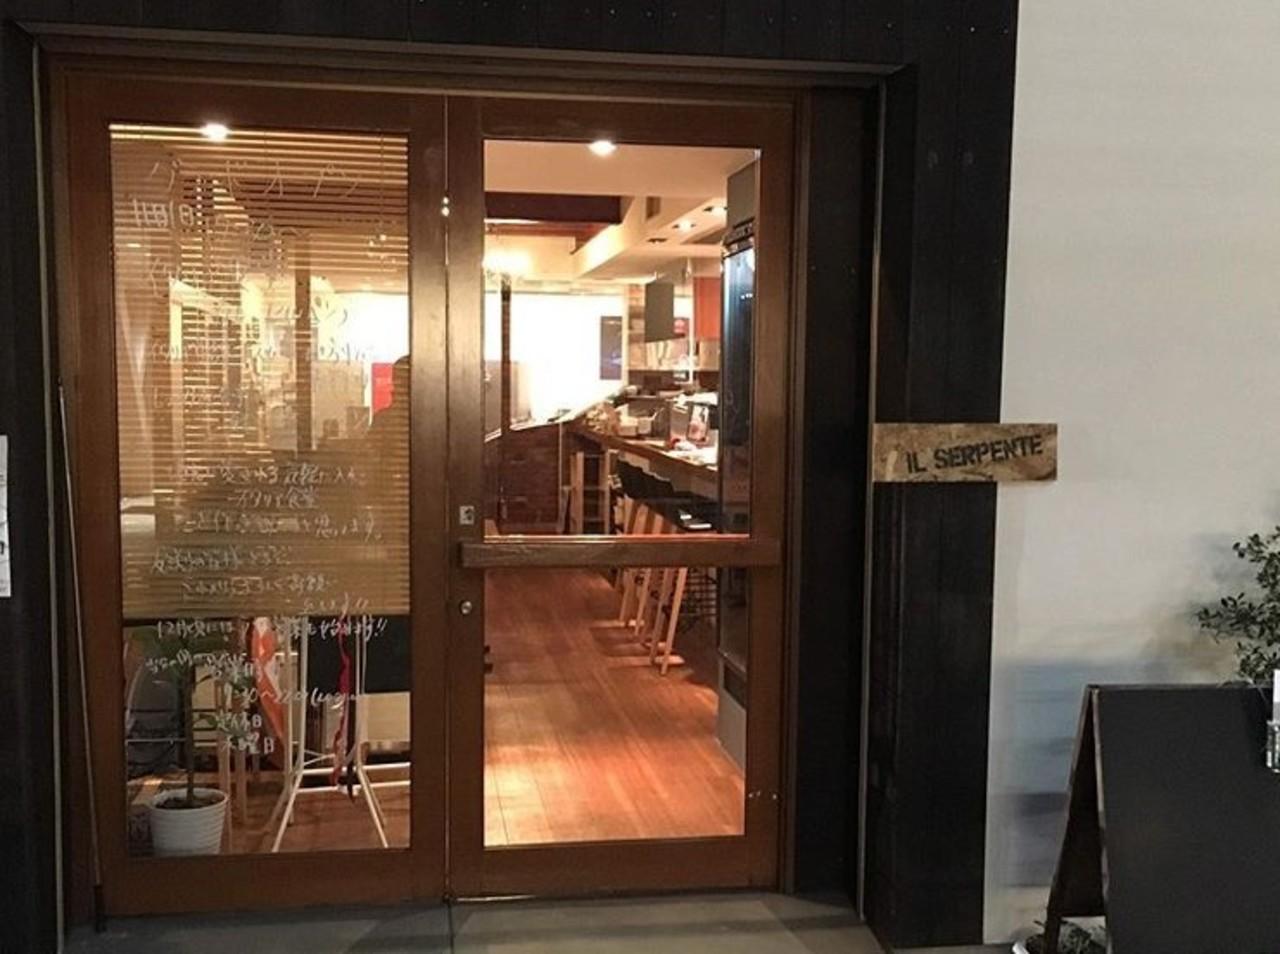 イタリア中部地方をイメージした料理...大阪市都島区友渕町3丁目のイタリア食堂「イル セルペンテ」